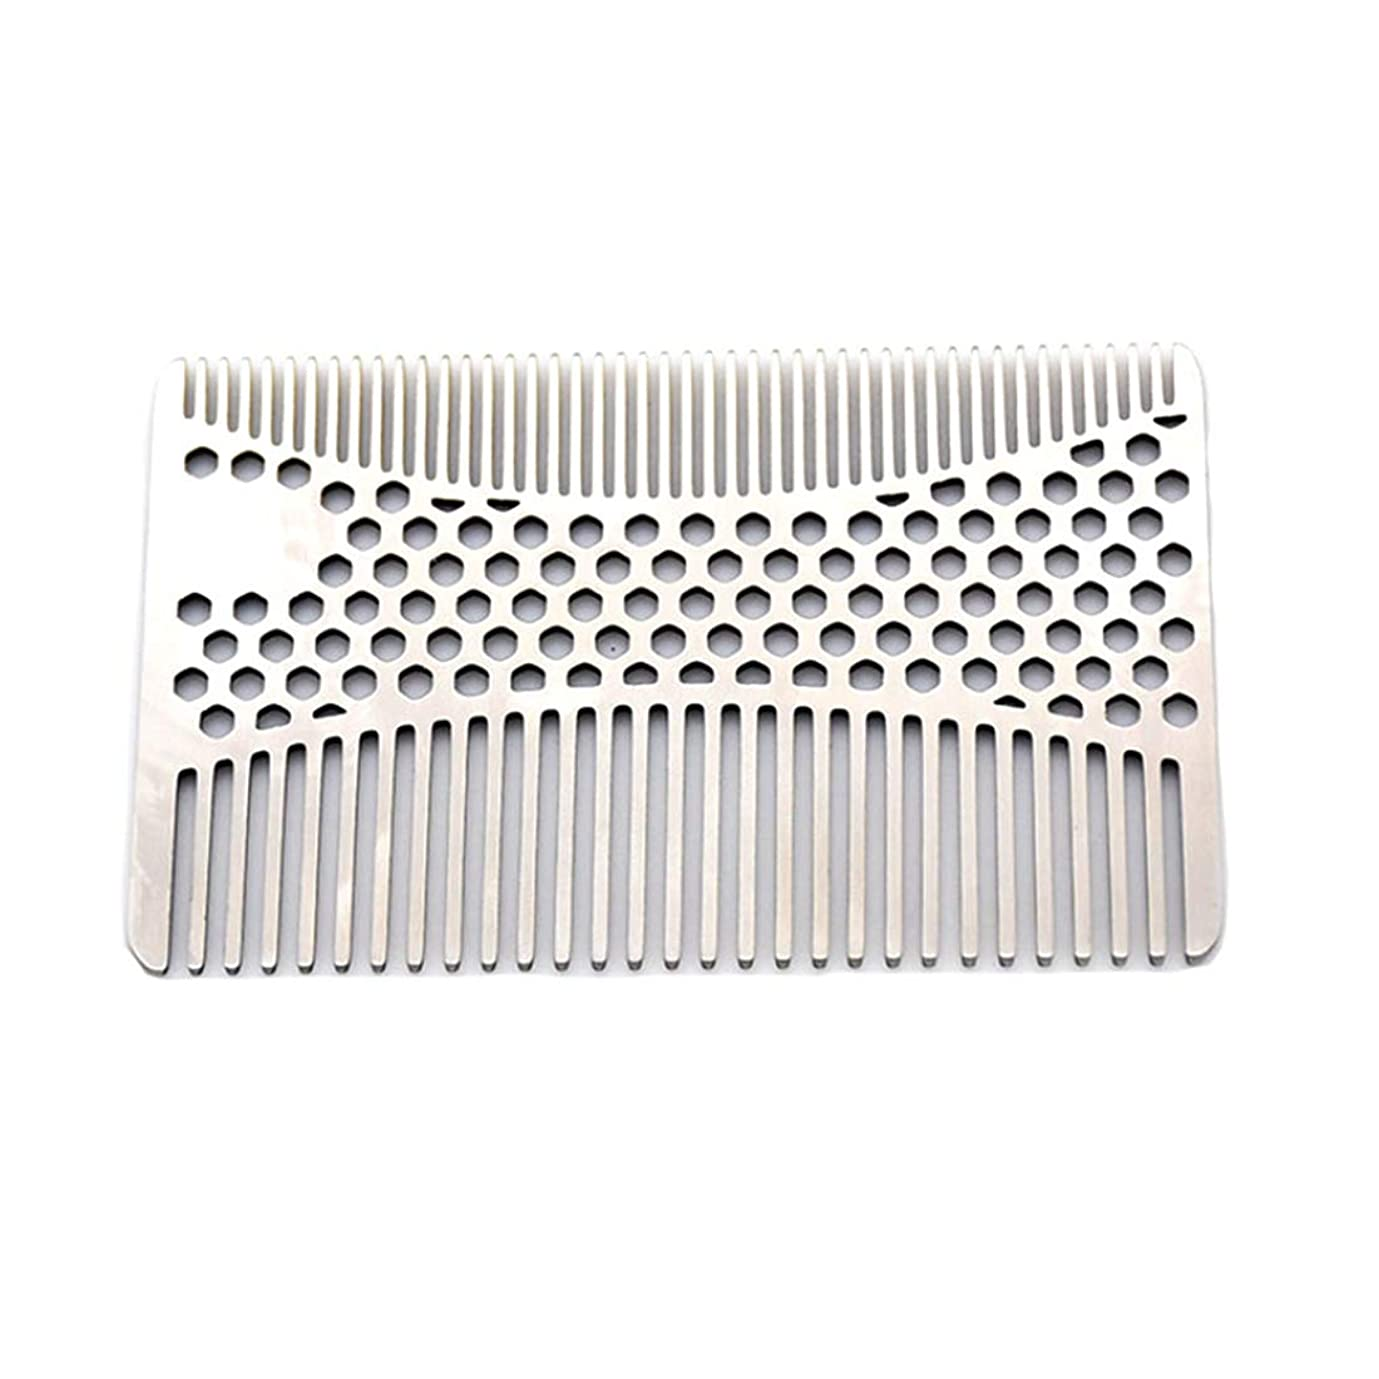 反発するアレンジ分配しますなめらかな、耐久性のあるステンレススチールの髪と髭の櫛 - 2個財布櫛 モデリングツール (色 : Silver)